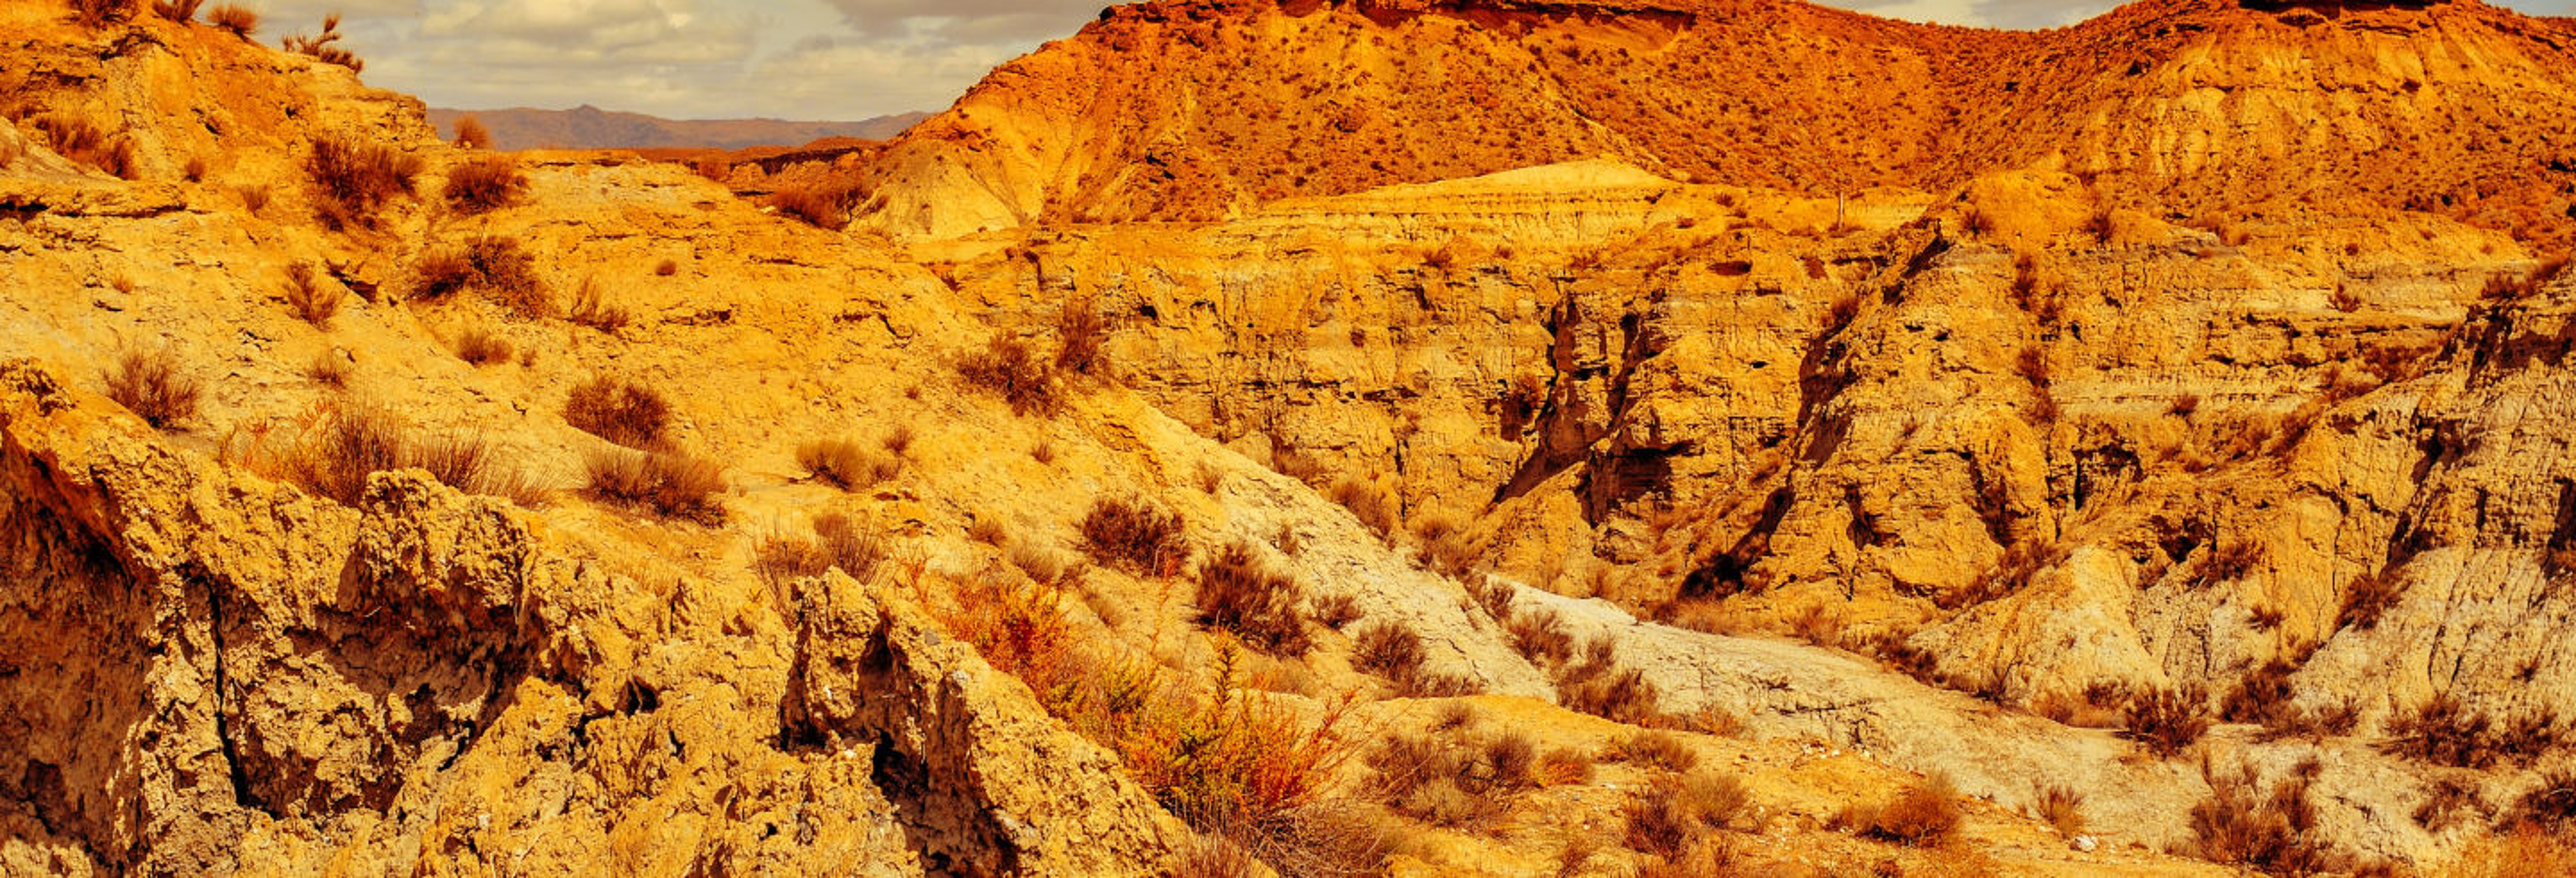 Excursión al desierto de Tabernas y Fort Bravo